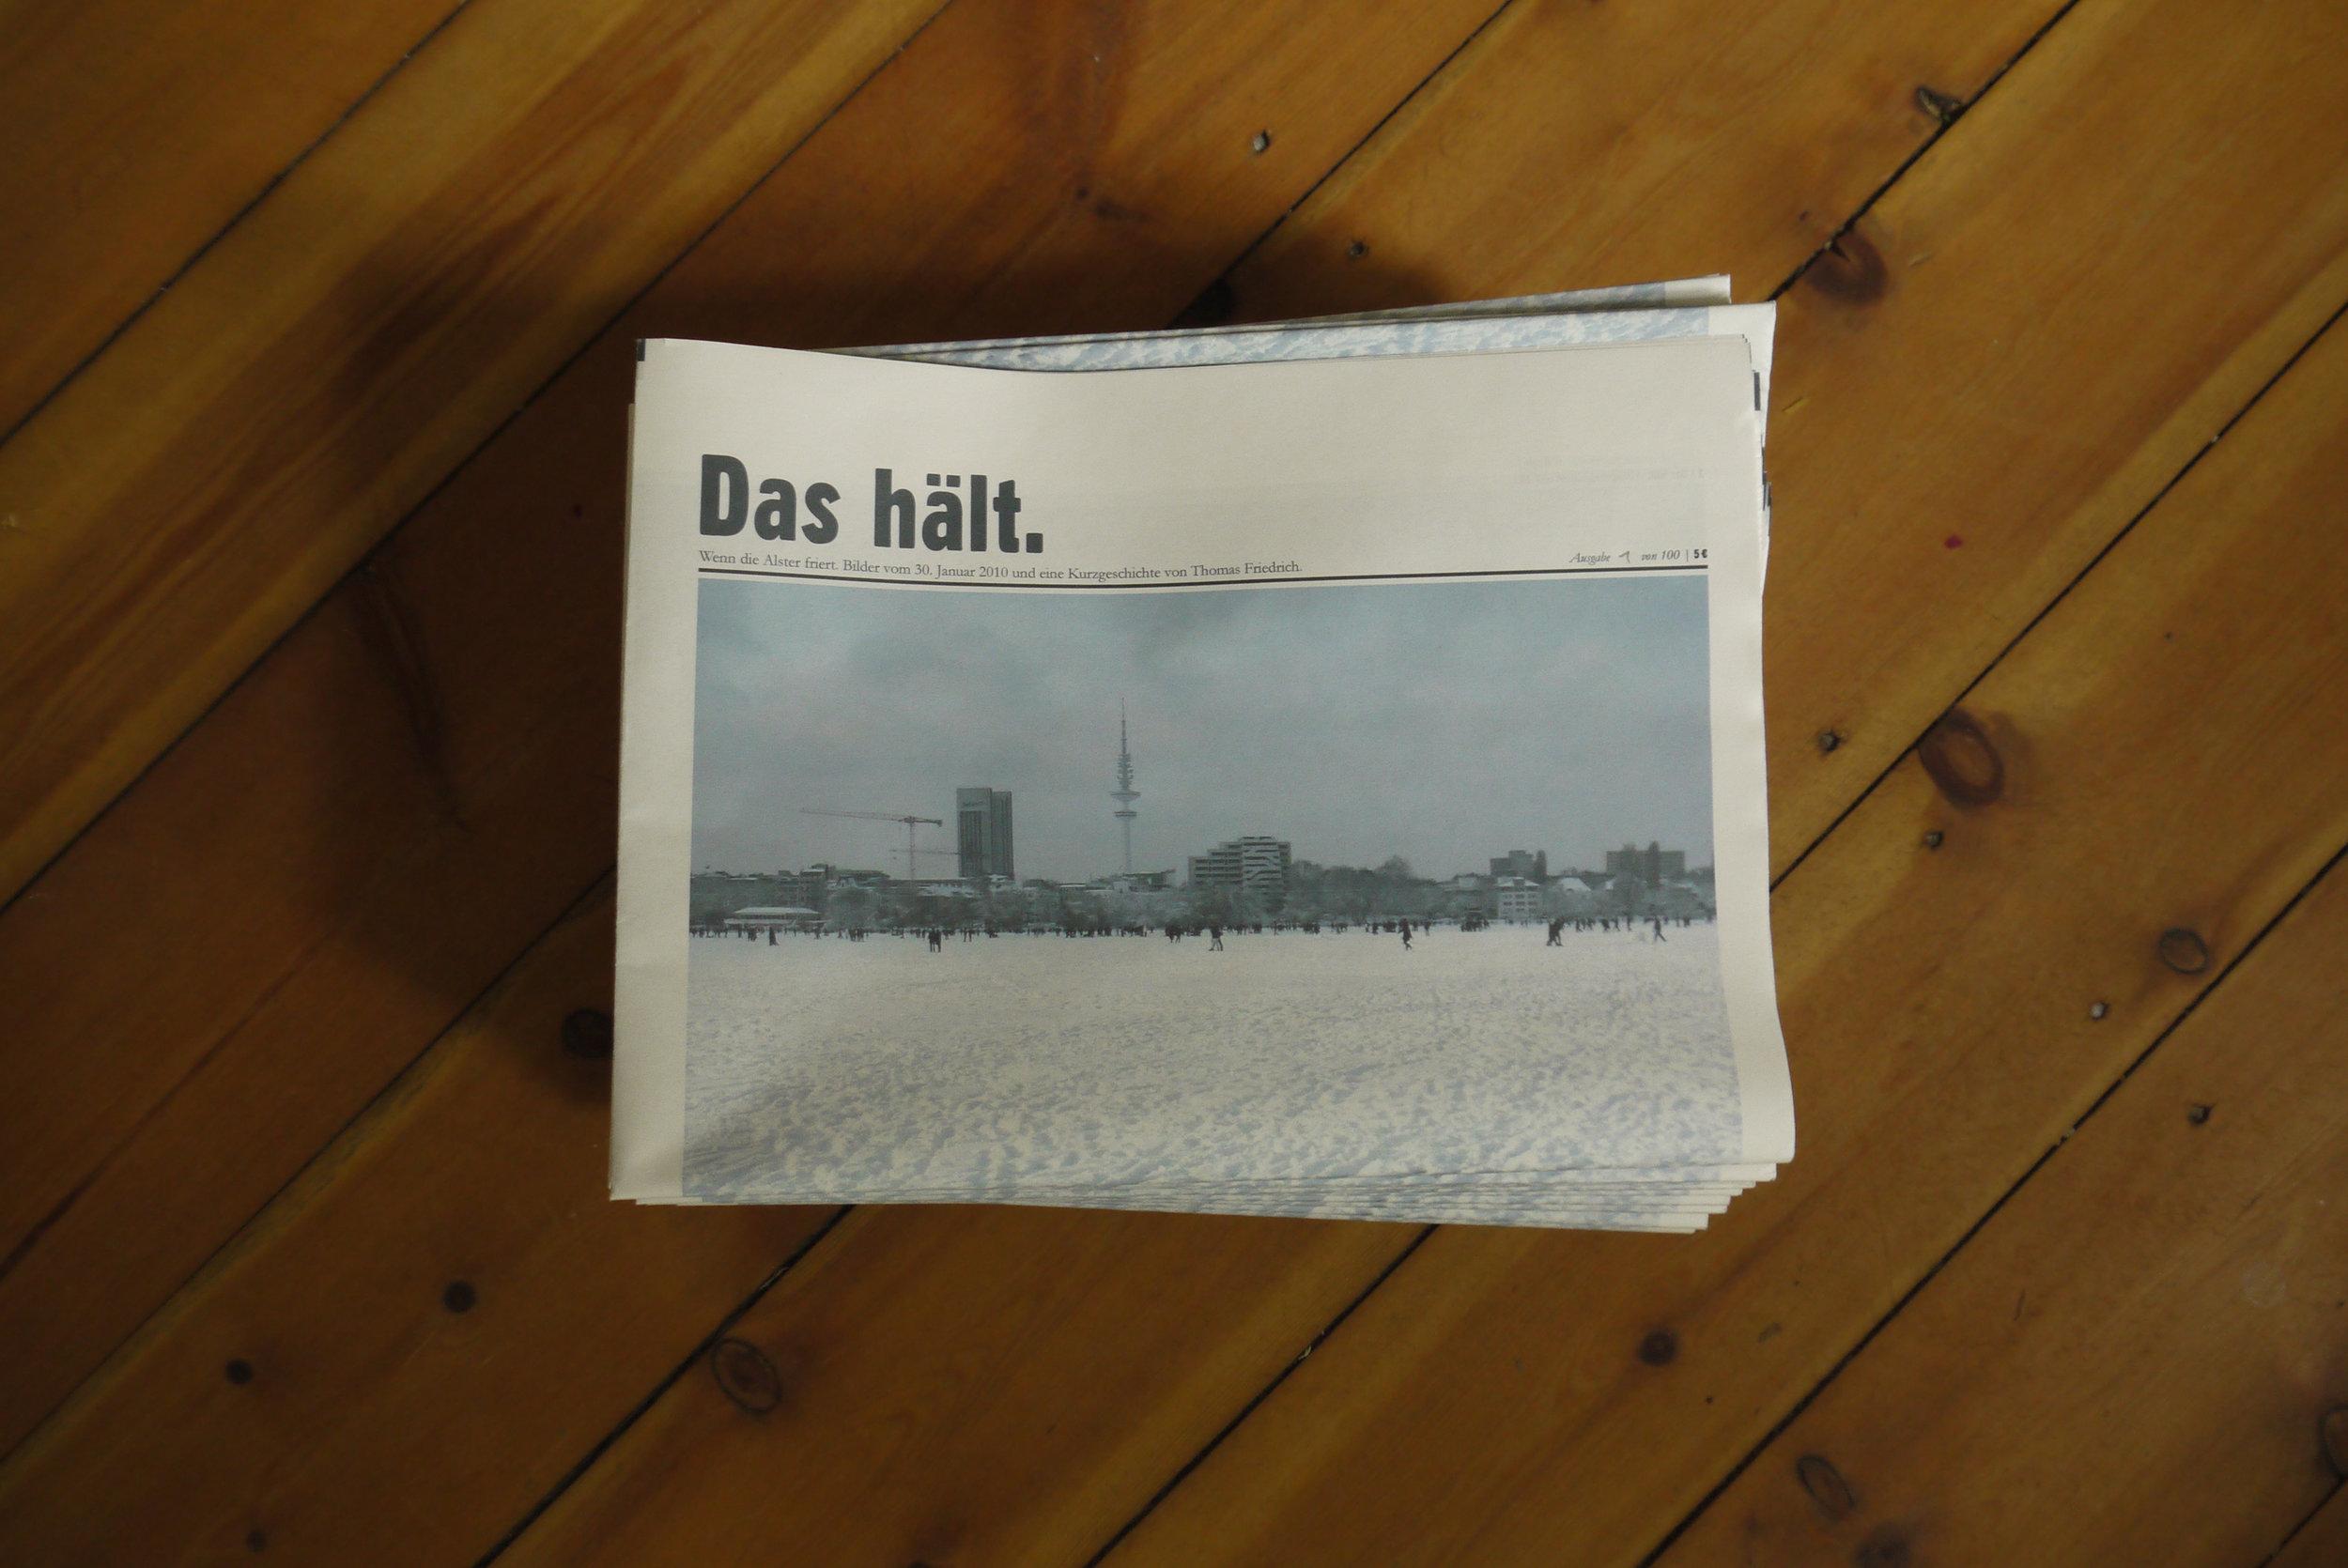 Das hält. - Zeitung, Kurzgeschichte